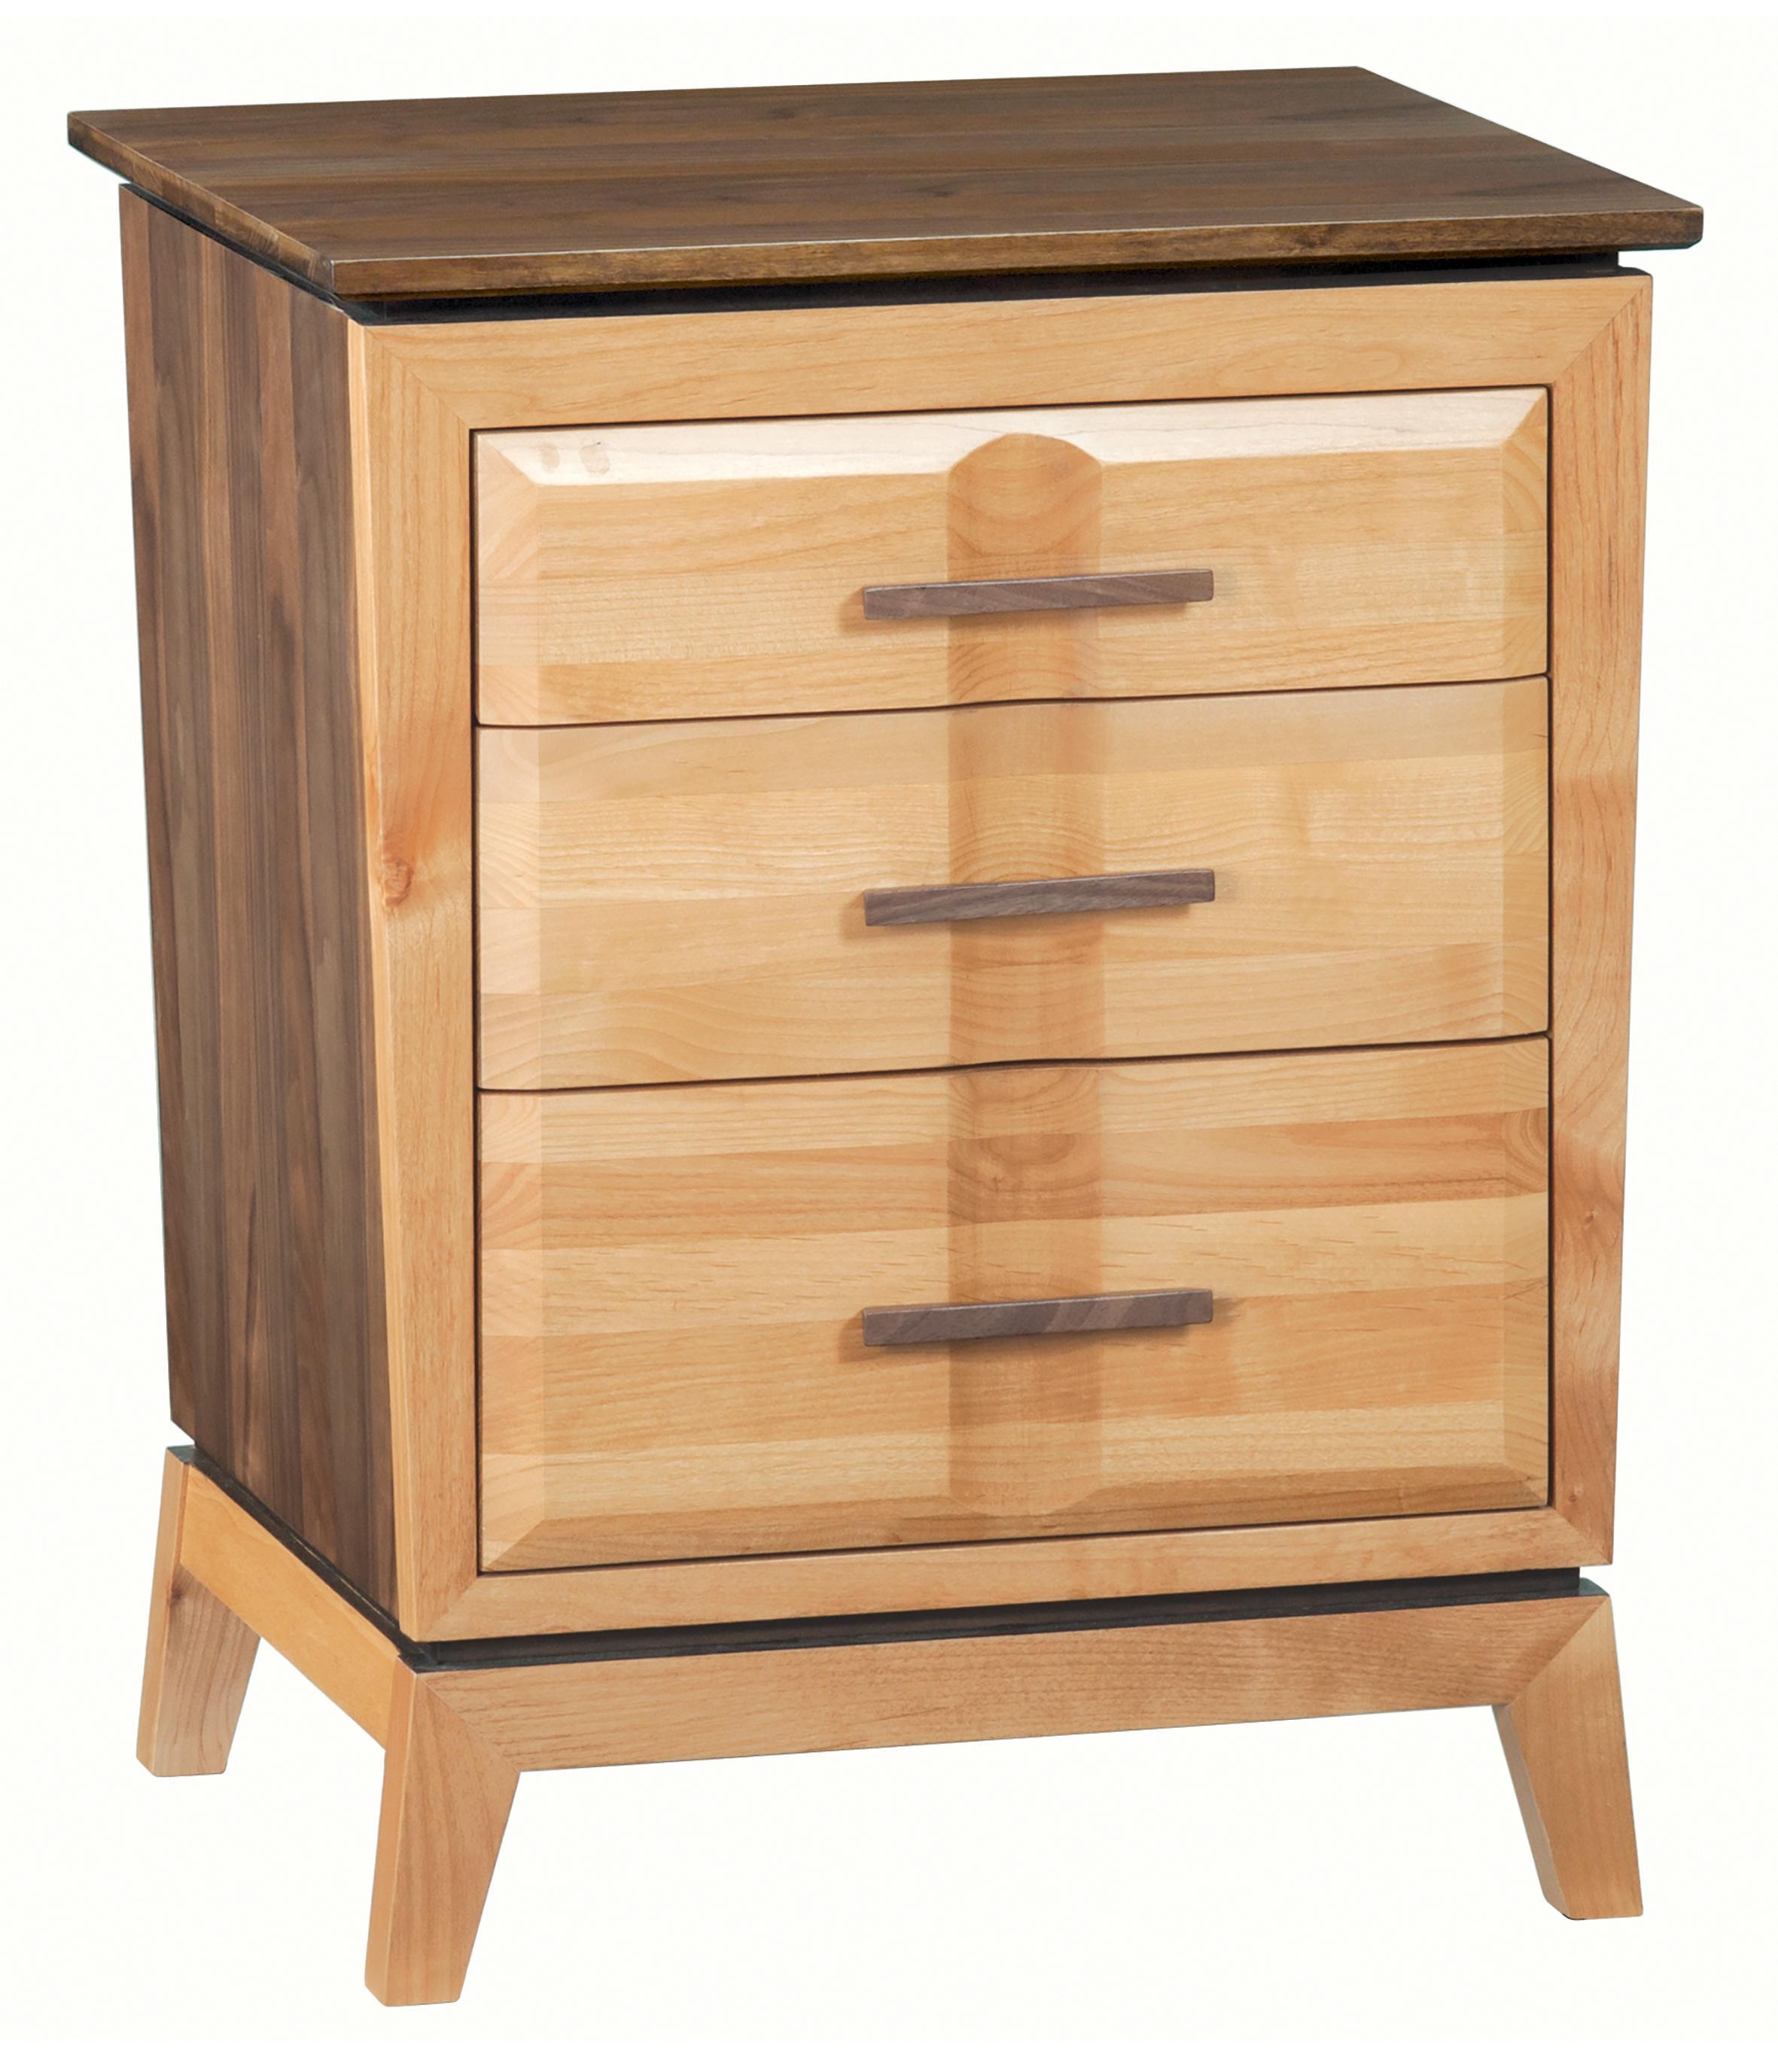 Whittier WoodDuet 3-Drawer Addison Nightstand